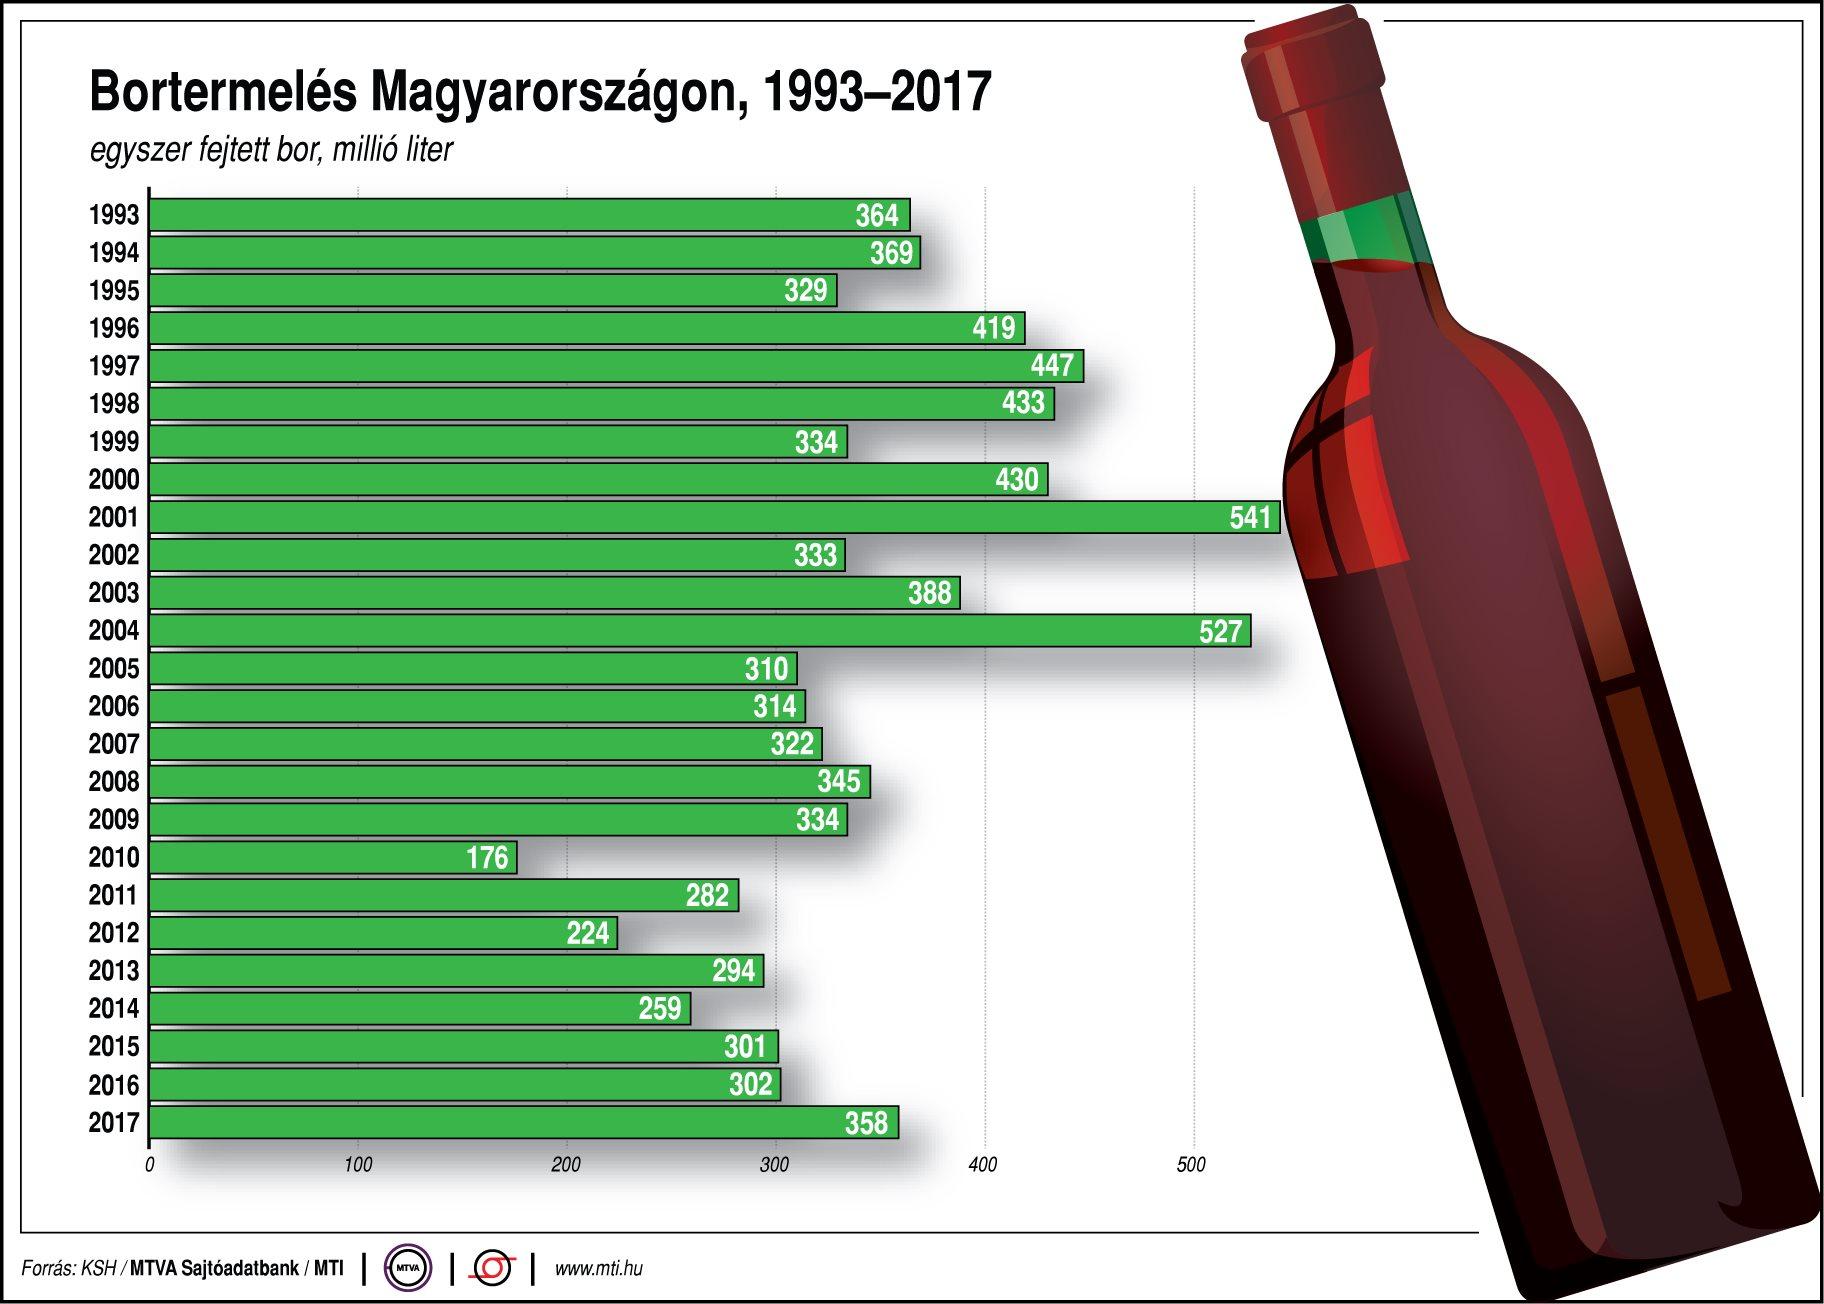 Bortermelés Magyarországon